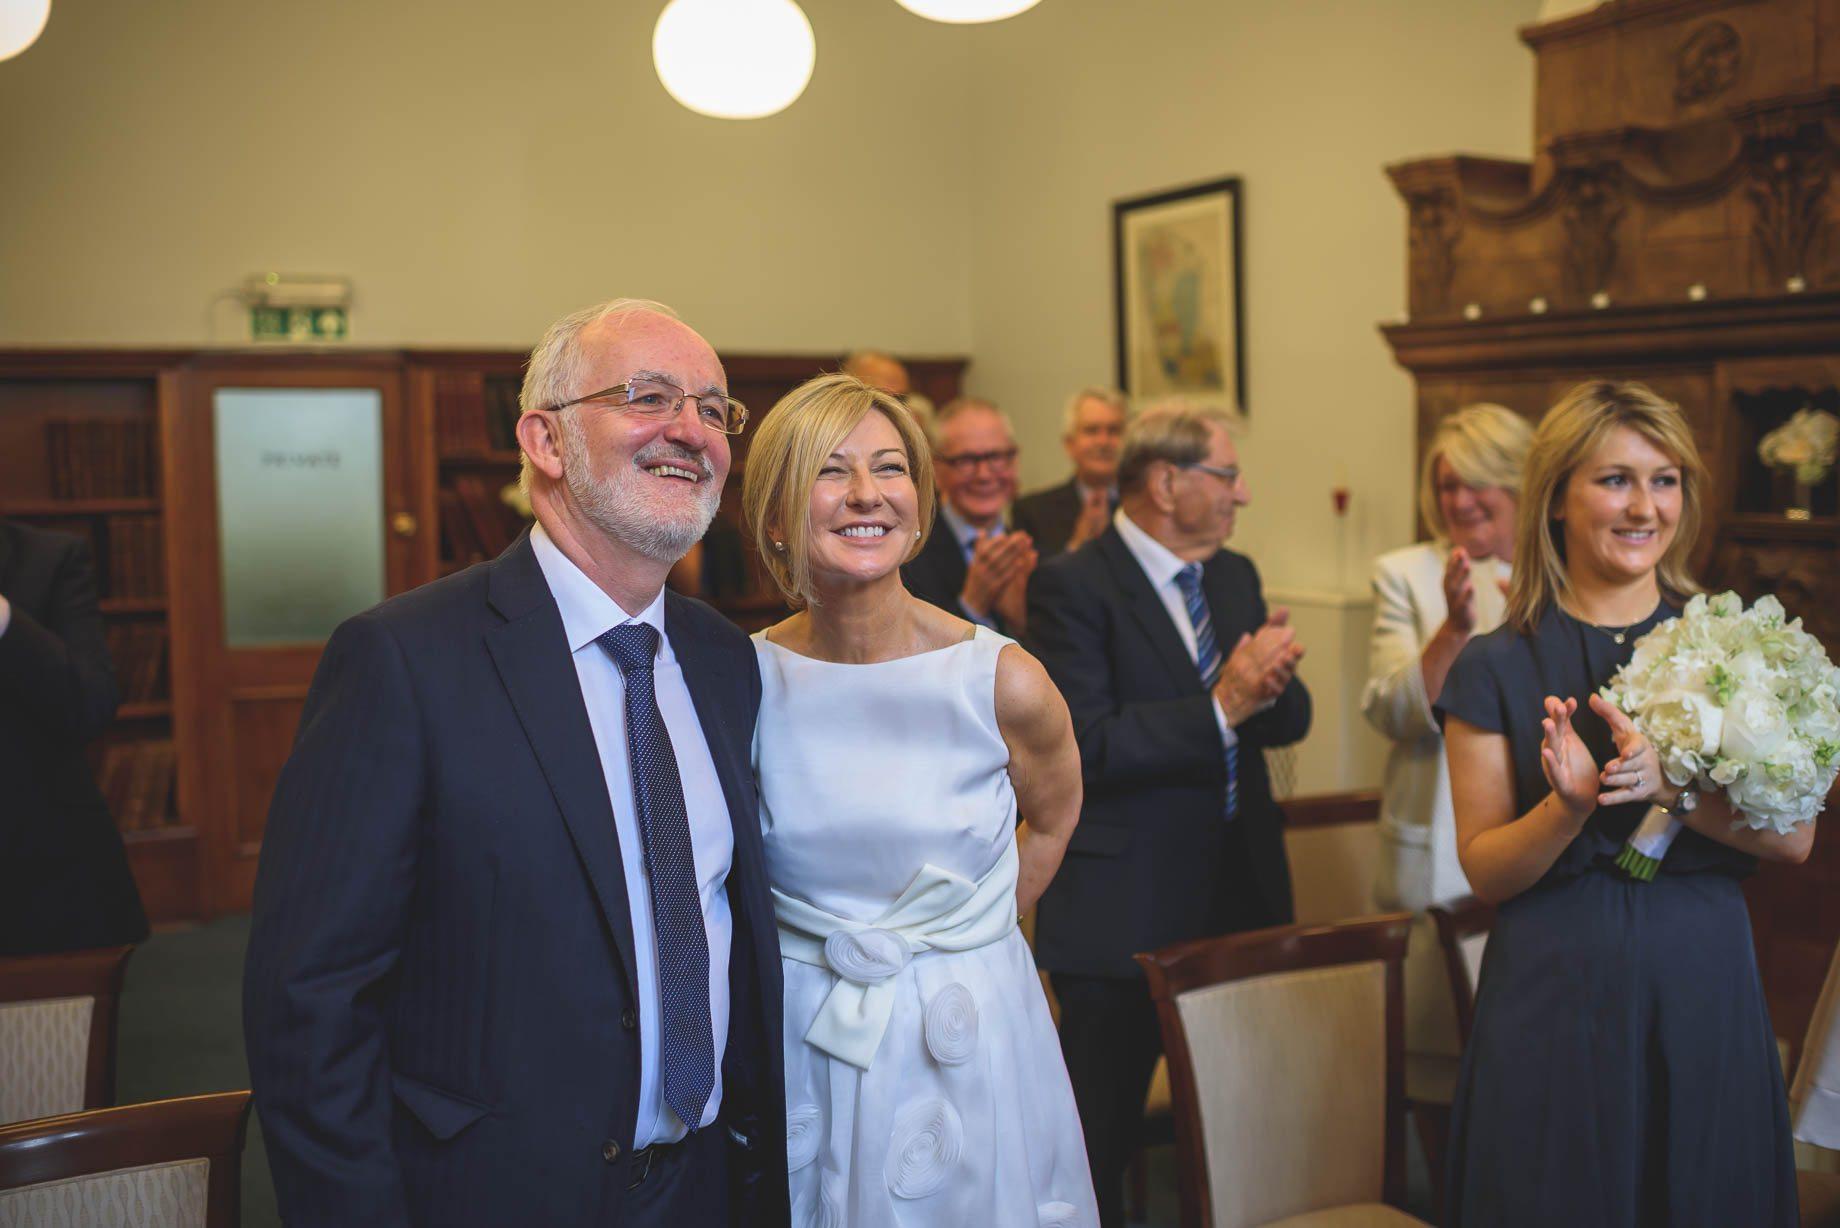 Mayfair wedding photography - Allison and Eugene (44 of 94)